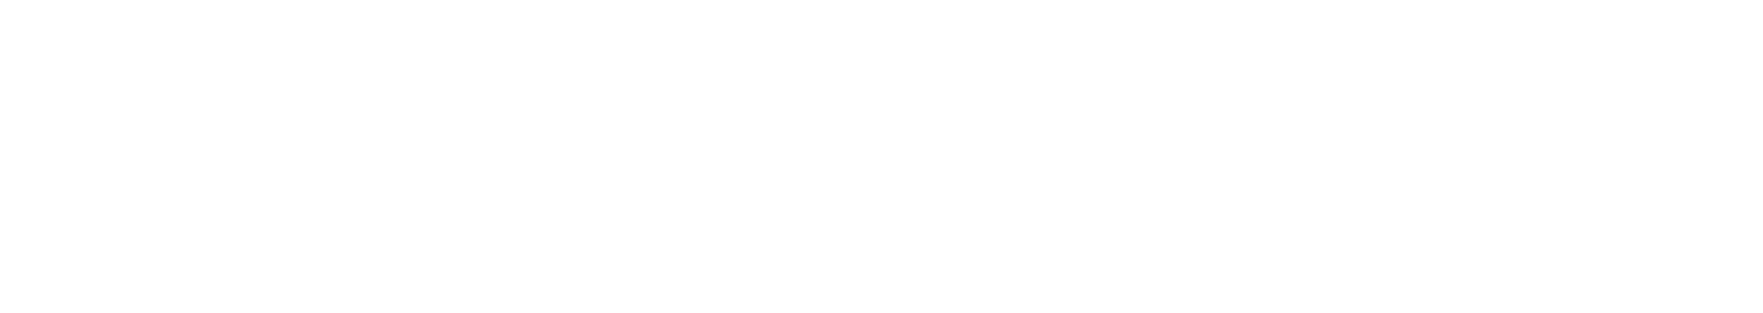 Vettery